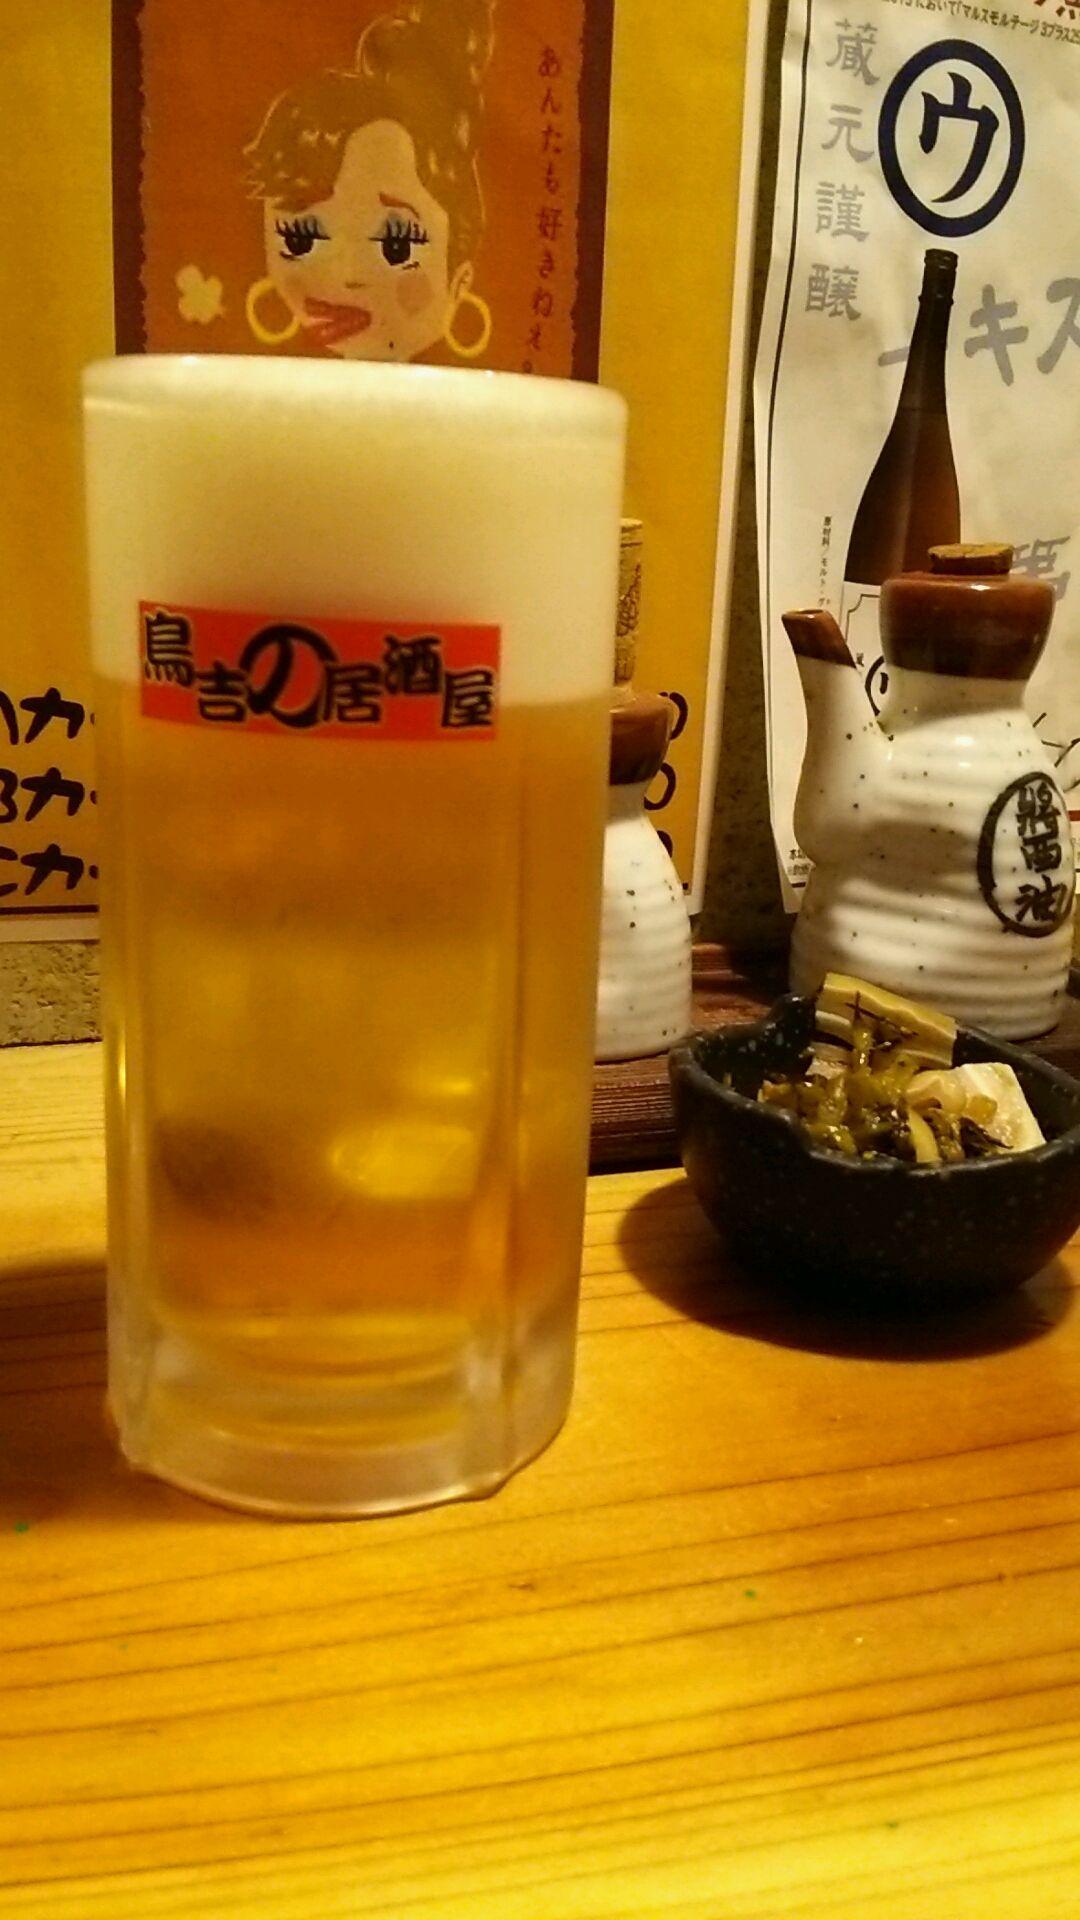 鳥吉の居酒屋 みらい平駅前店